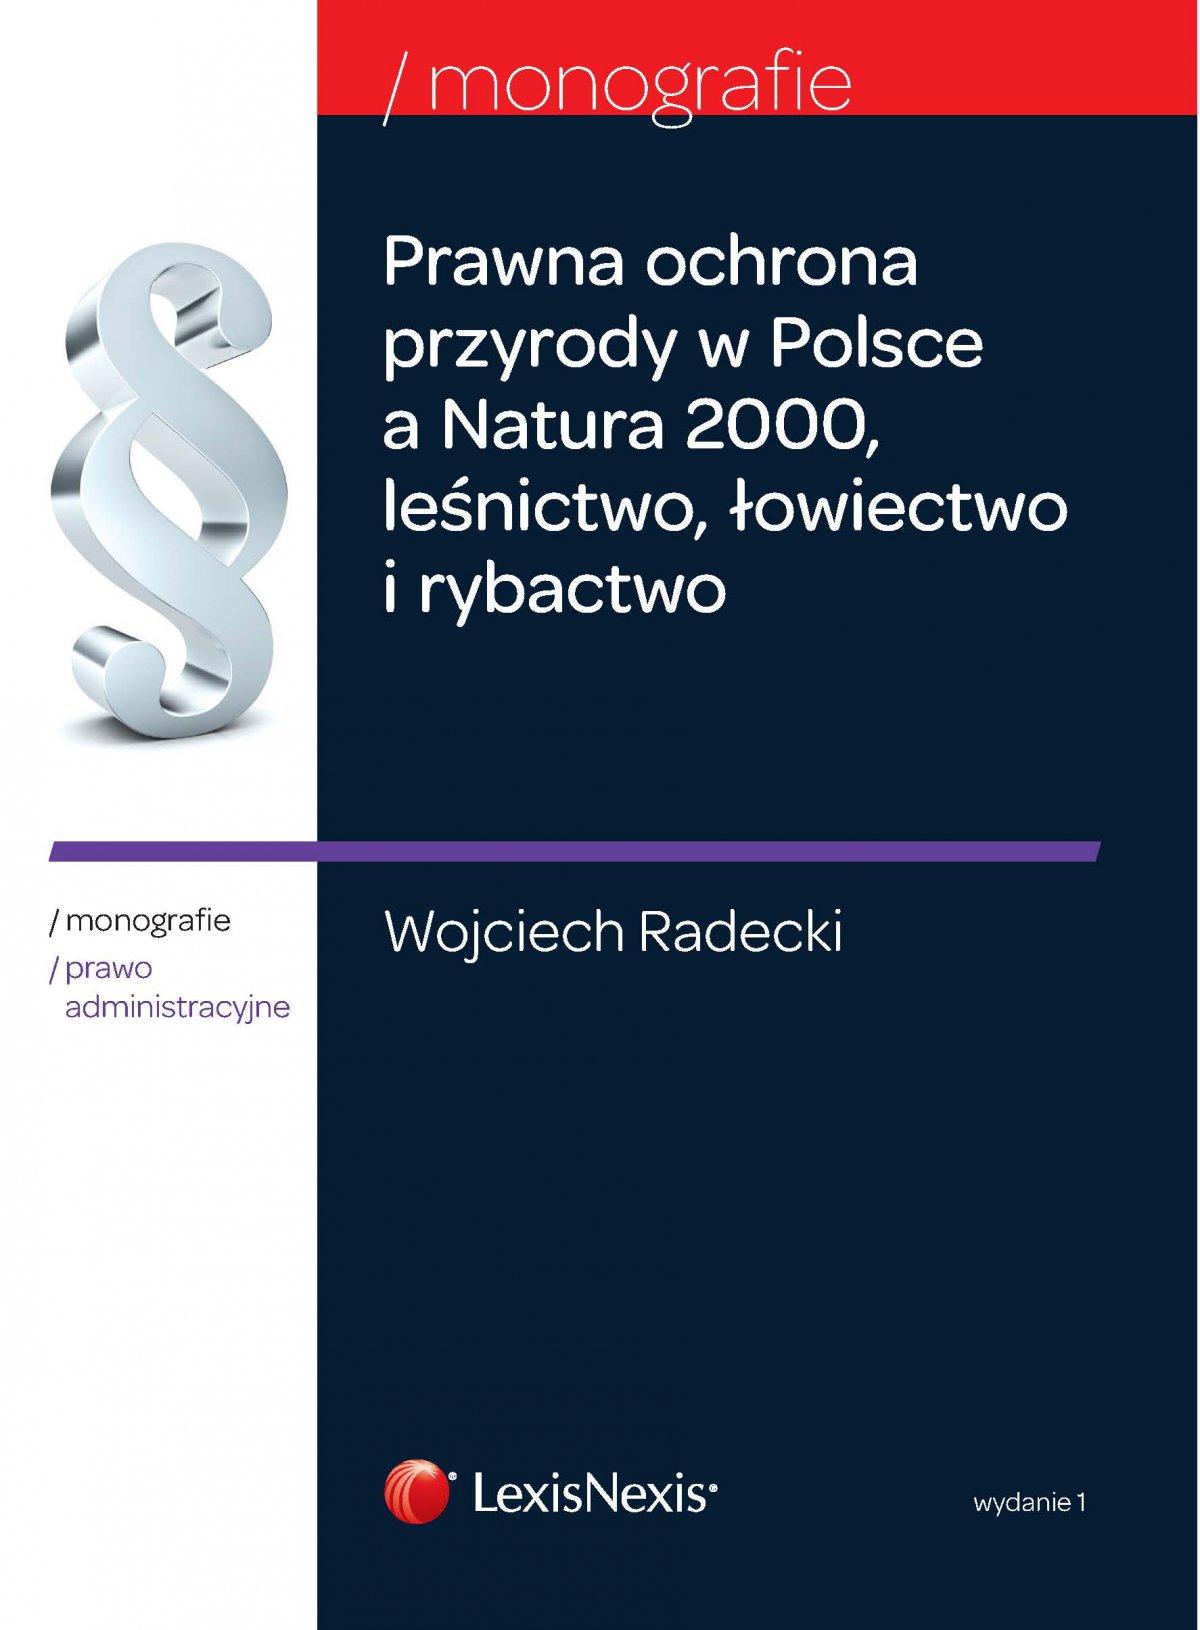 Prawna ochrona przyrody w Polsce a Natura 2000, leśnictwo, łowiectwo i rybactwo - Ebook (Książka EPUB) do pobrania w formacie EPUB